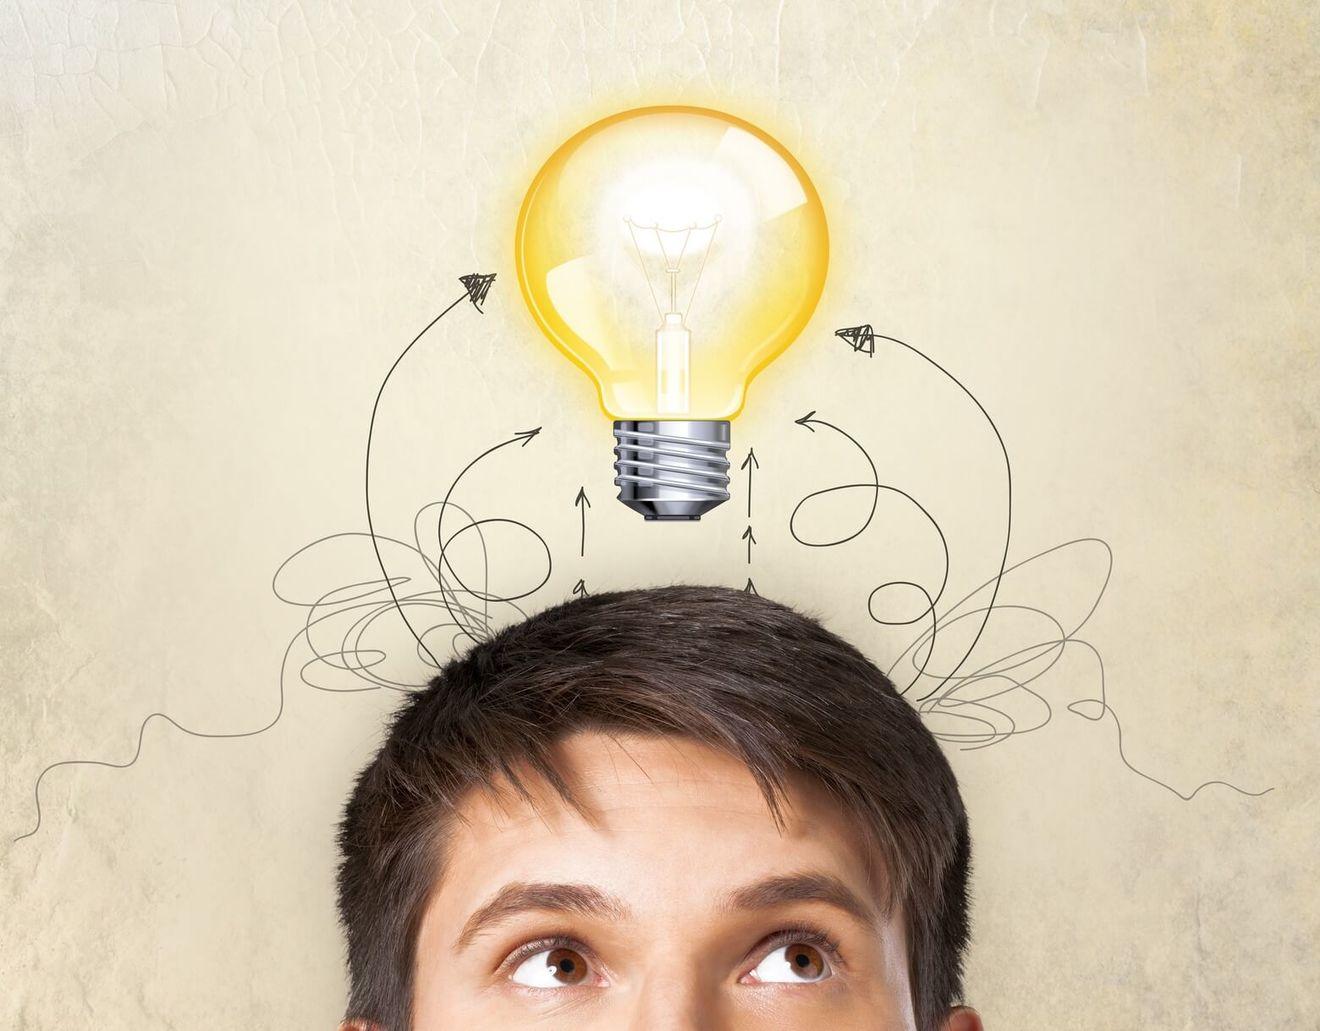 ジョン・フォイ・ノイマンについて知るべき5つの事実!人類史上最高の天才